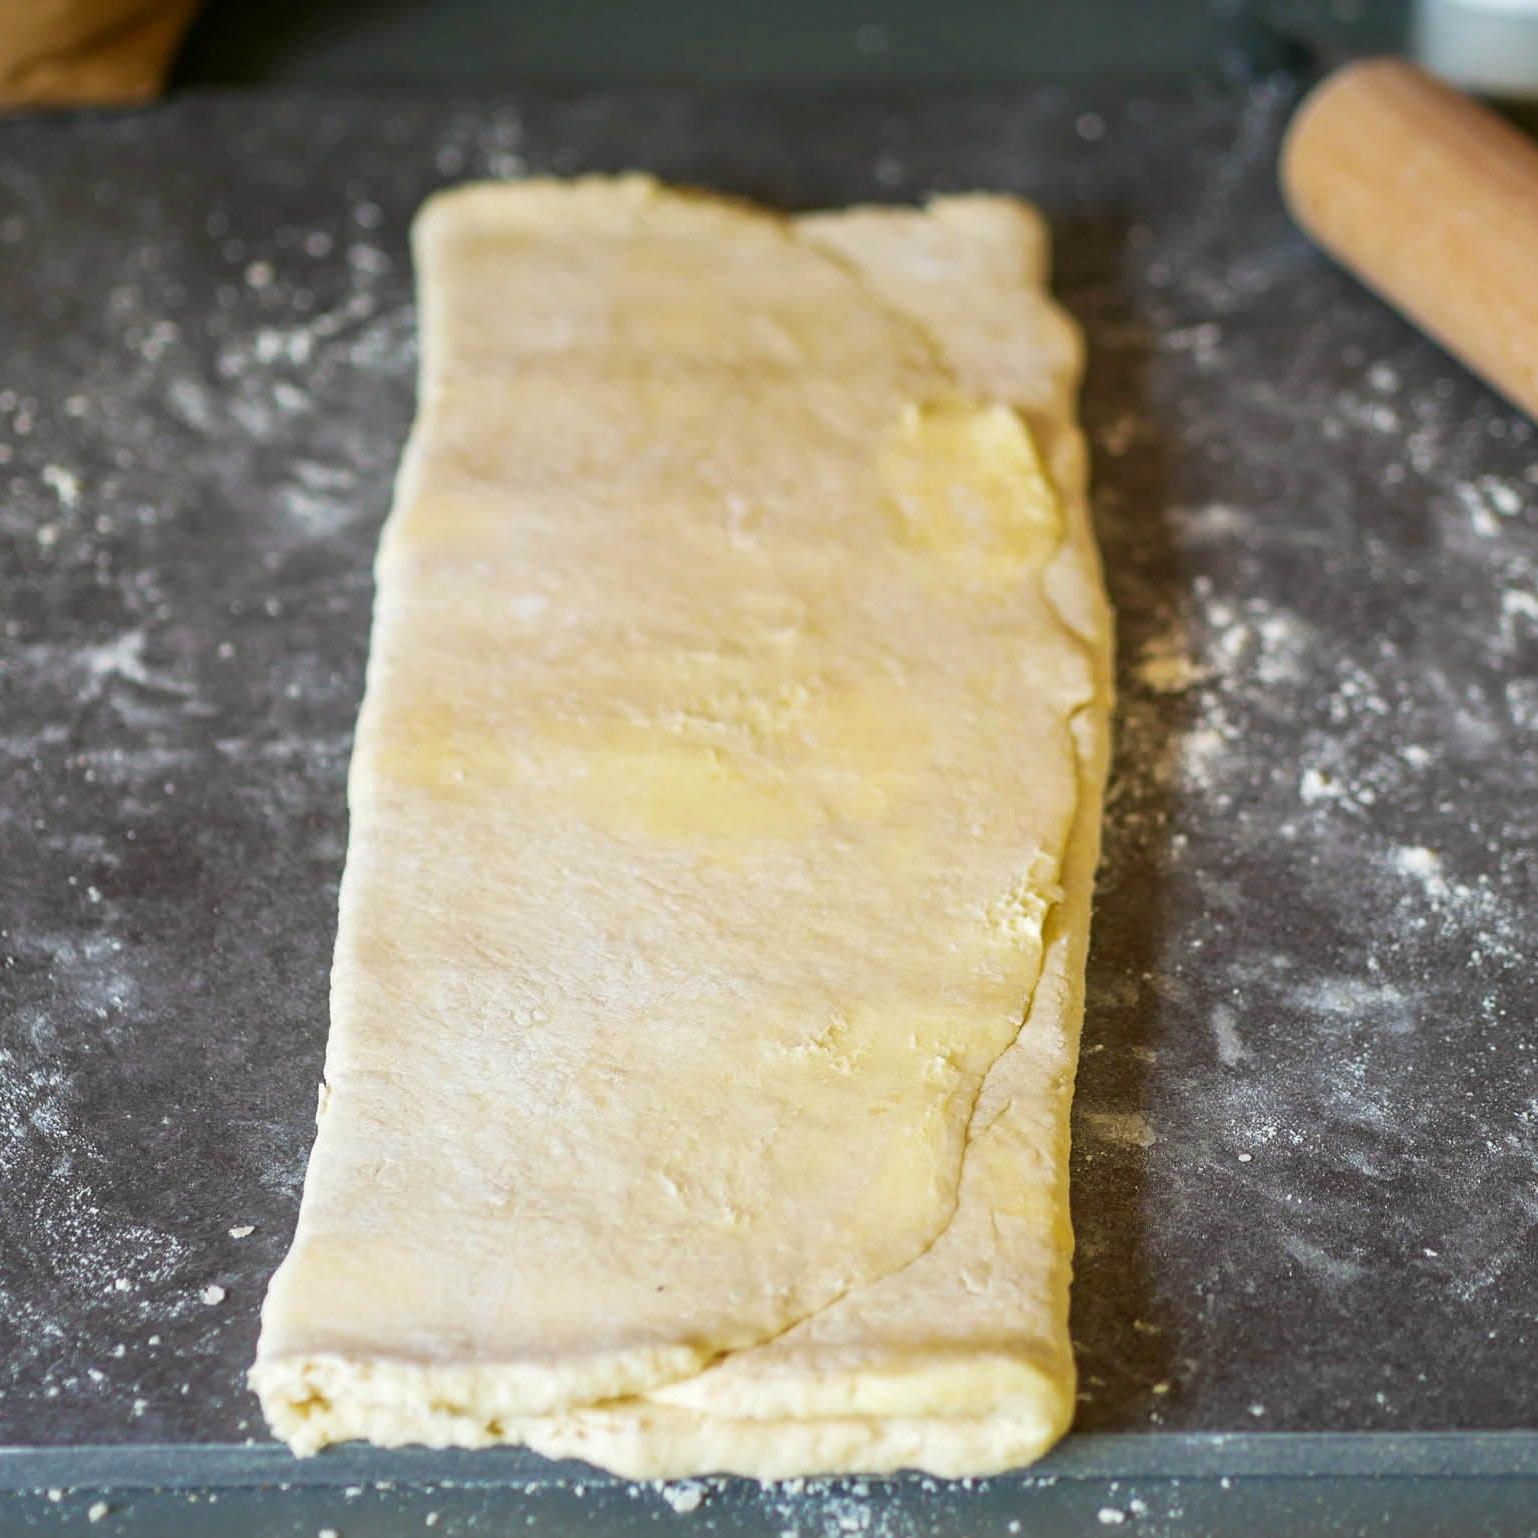 On tourne la pâte d'un quart de tour avec les plis sur le côté droit et on recommence les plis